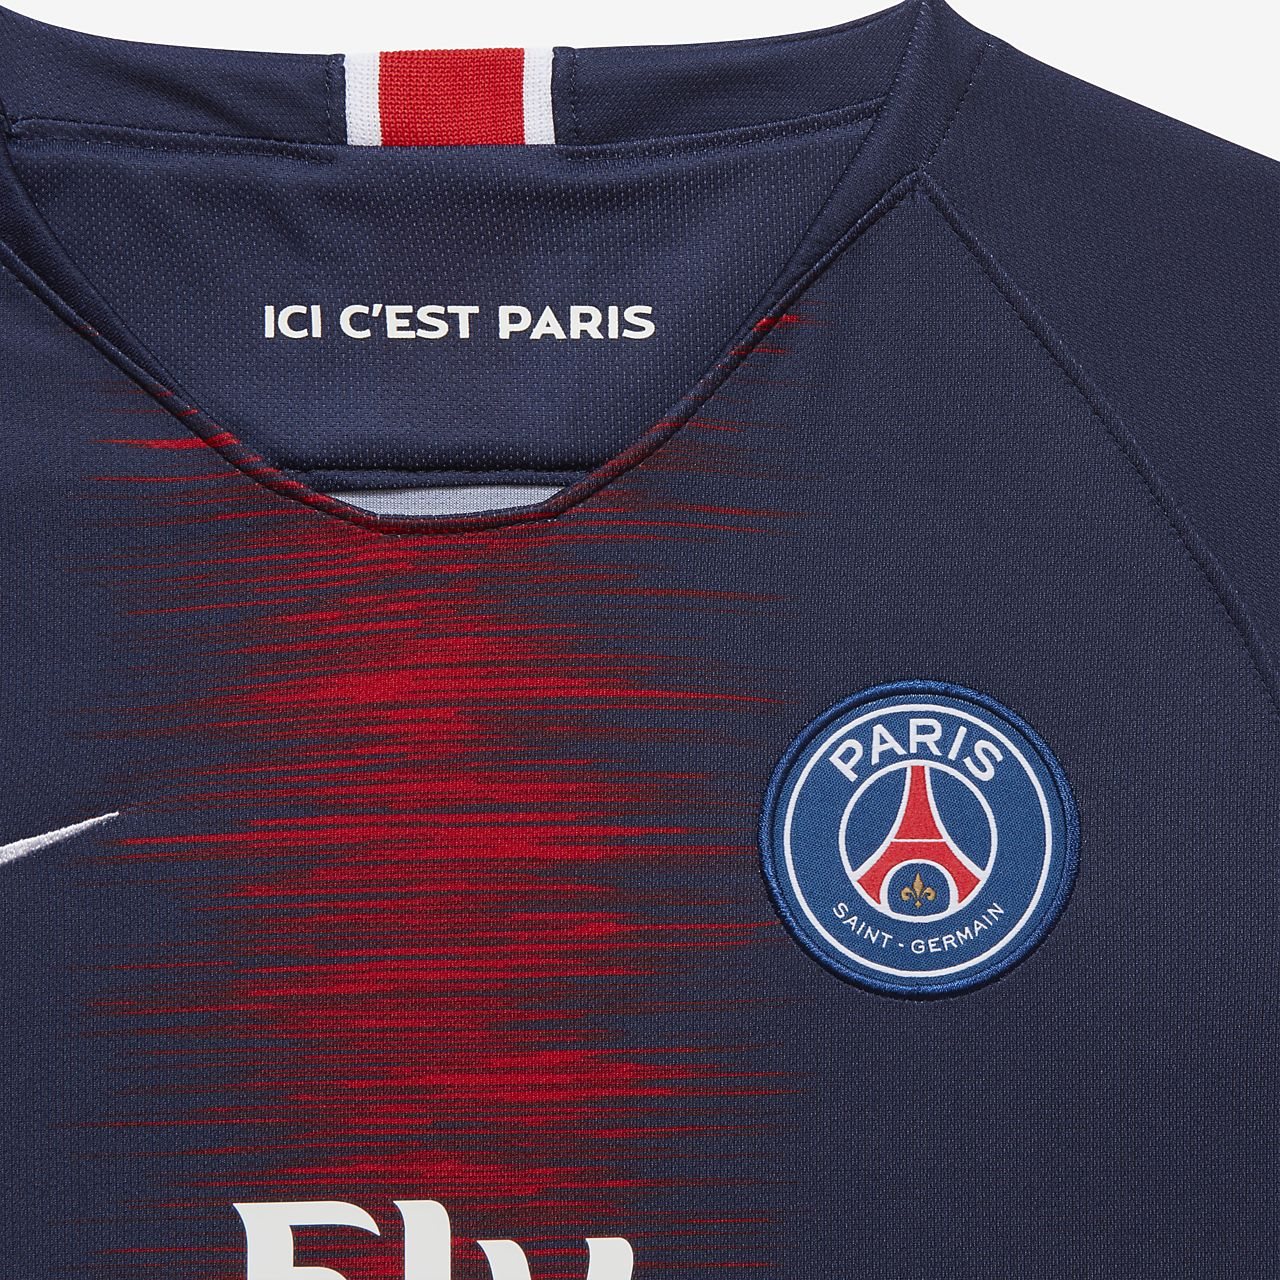 new products 47a26 32e4e ... Maillot de football 2018 19 Paris Saint-Germain Stadium Home pour Enfant  plus âgé